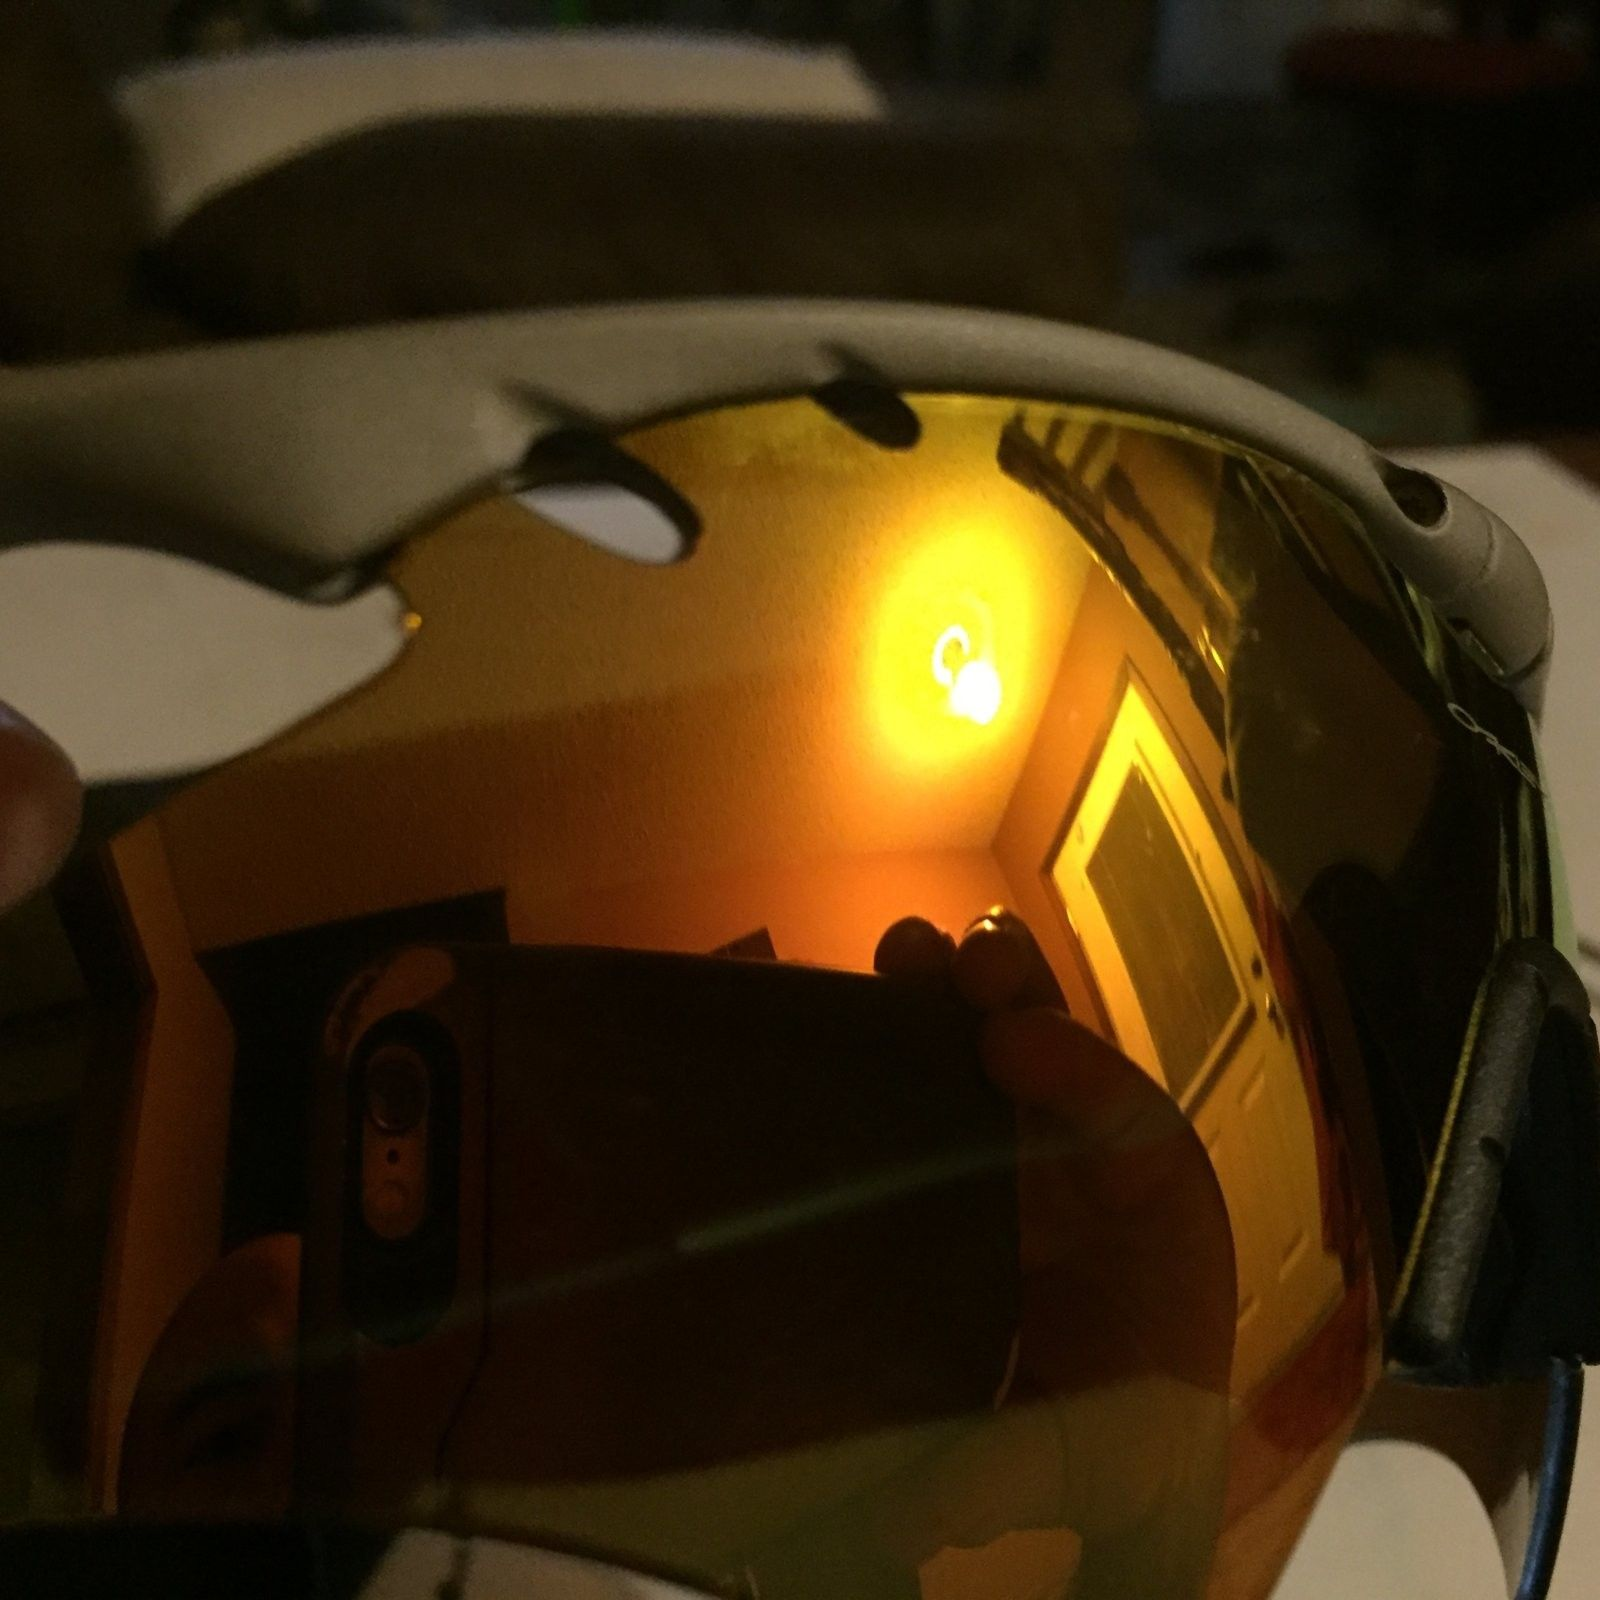 Magnesium m frame plasma w/fire Iridium heater lenses - image.jpeg